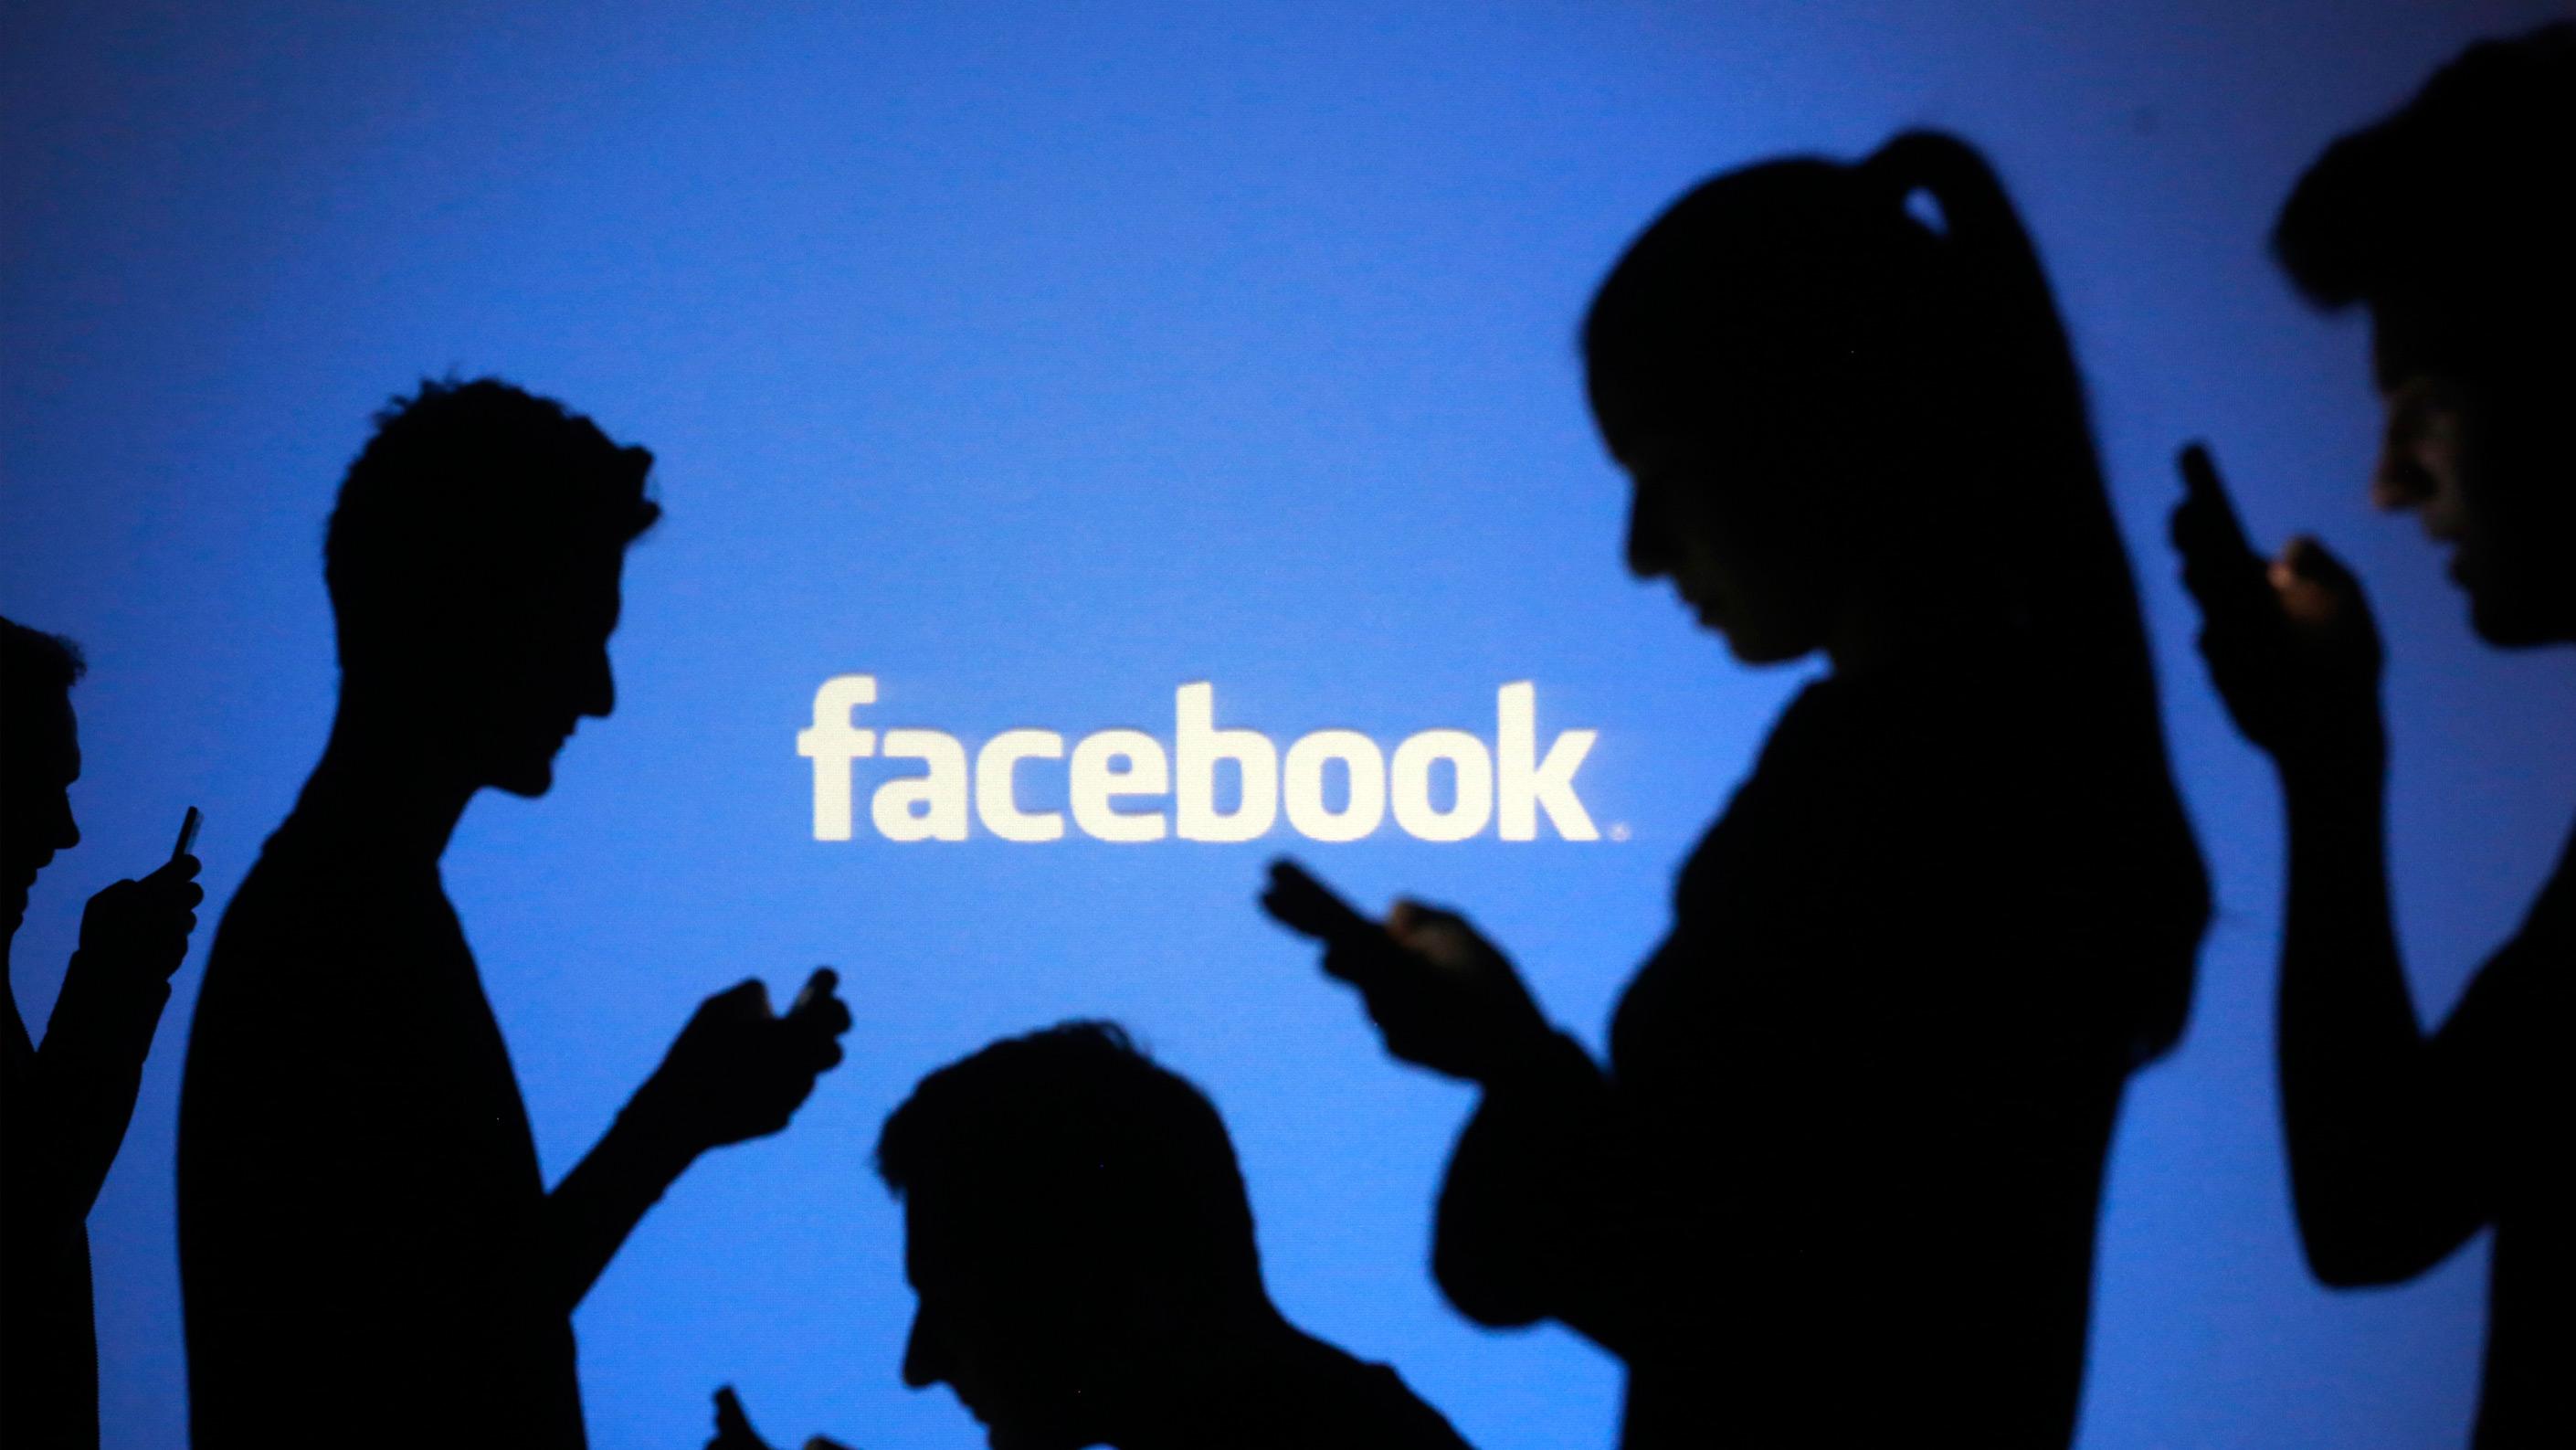 facebook shadows